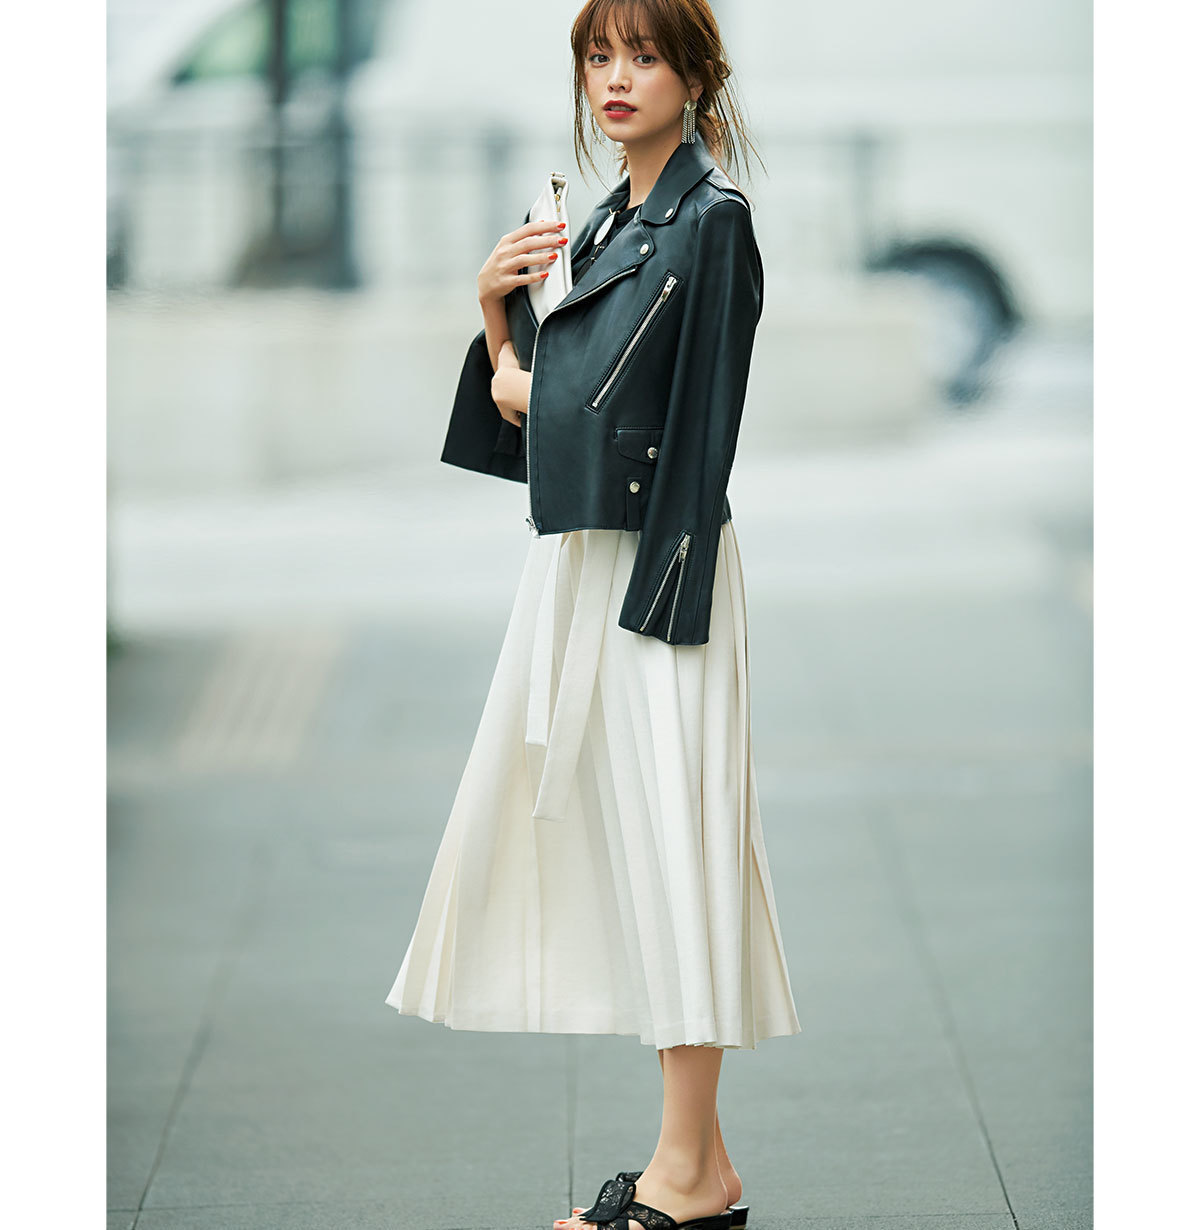 ライダースジャケット×白プリーツスカートの羽織ものコーデ